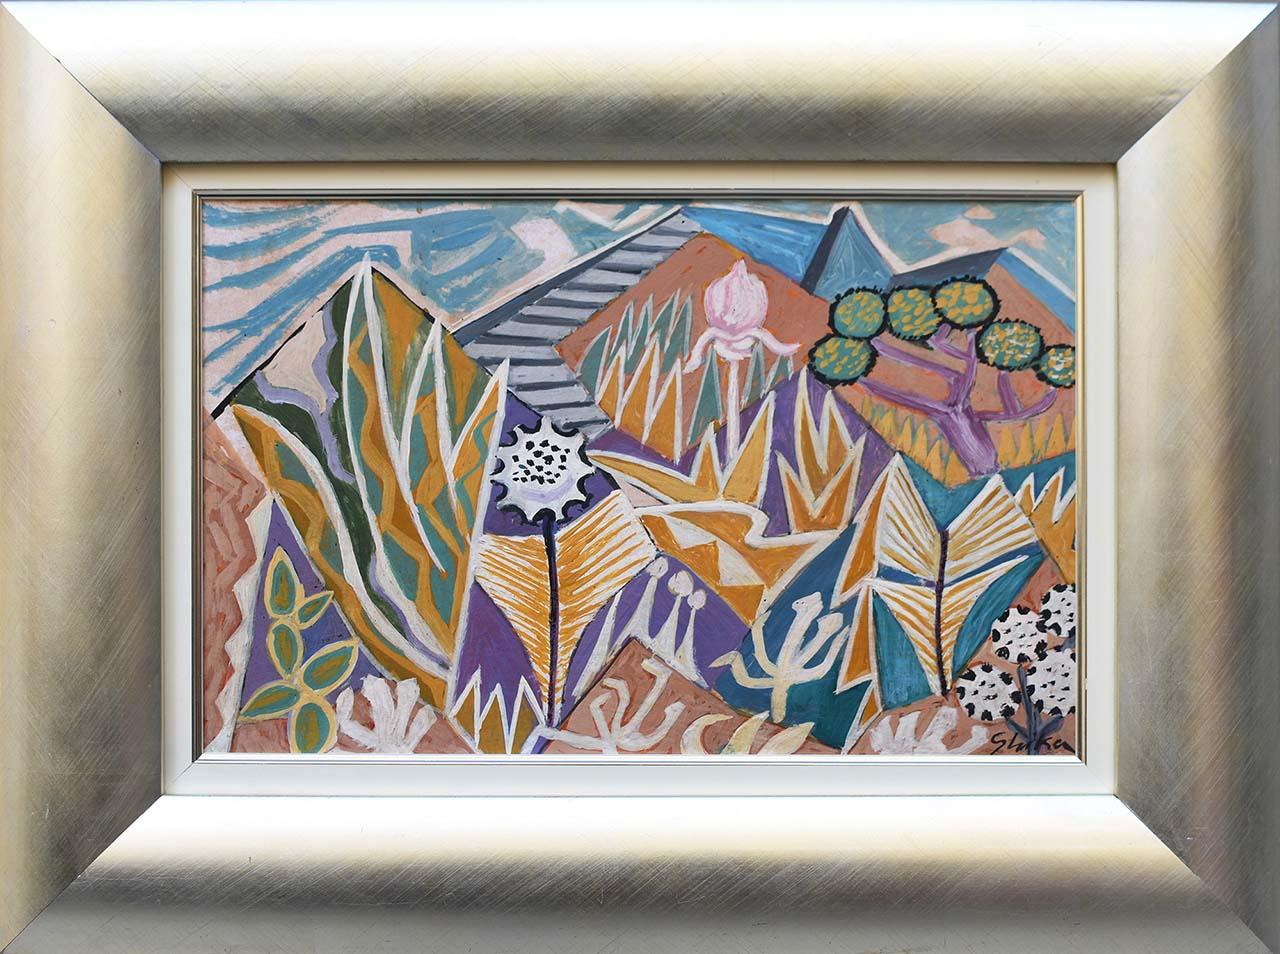 051. GHIKA (HATZIKYRIAKOS) Nikos (1906 -1994)